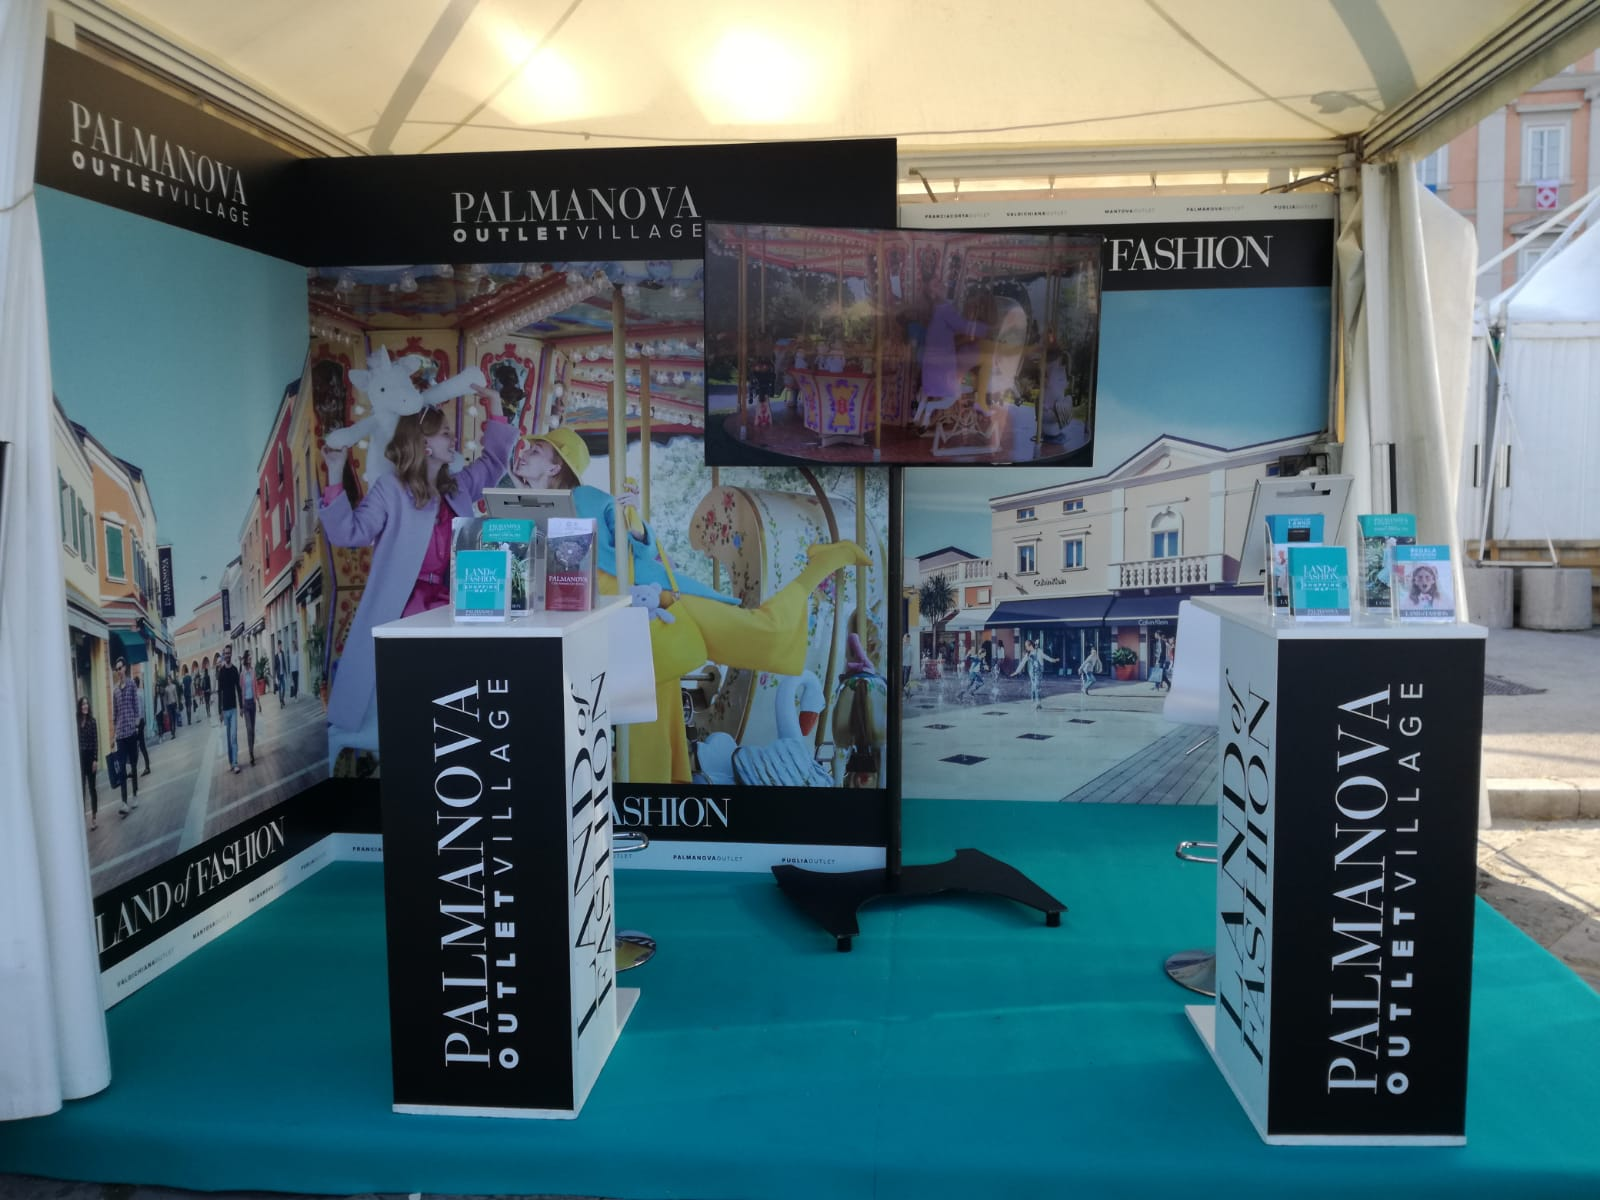 Il Palmanova Outlet è presente alla Barcolana con uno stand dedicato ...